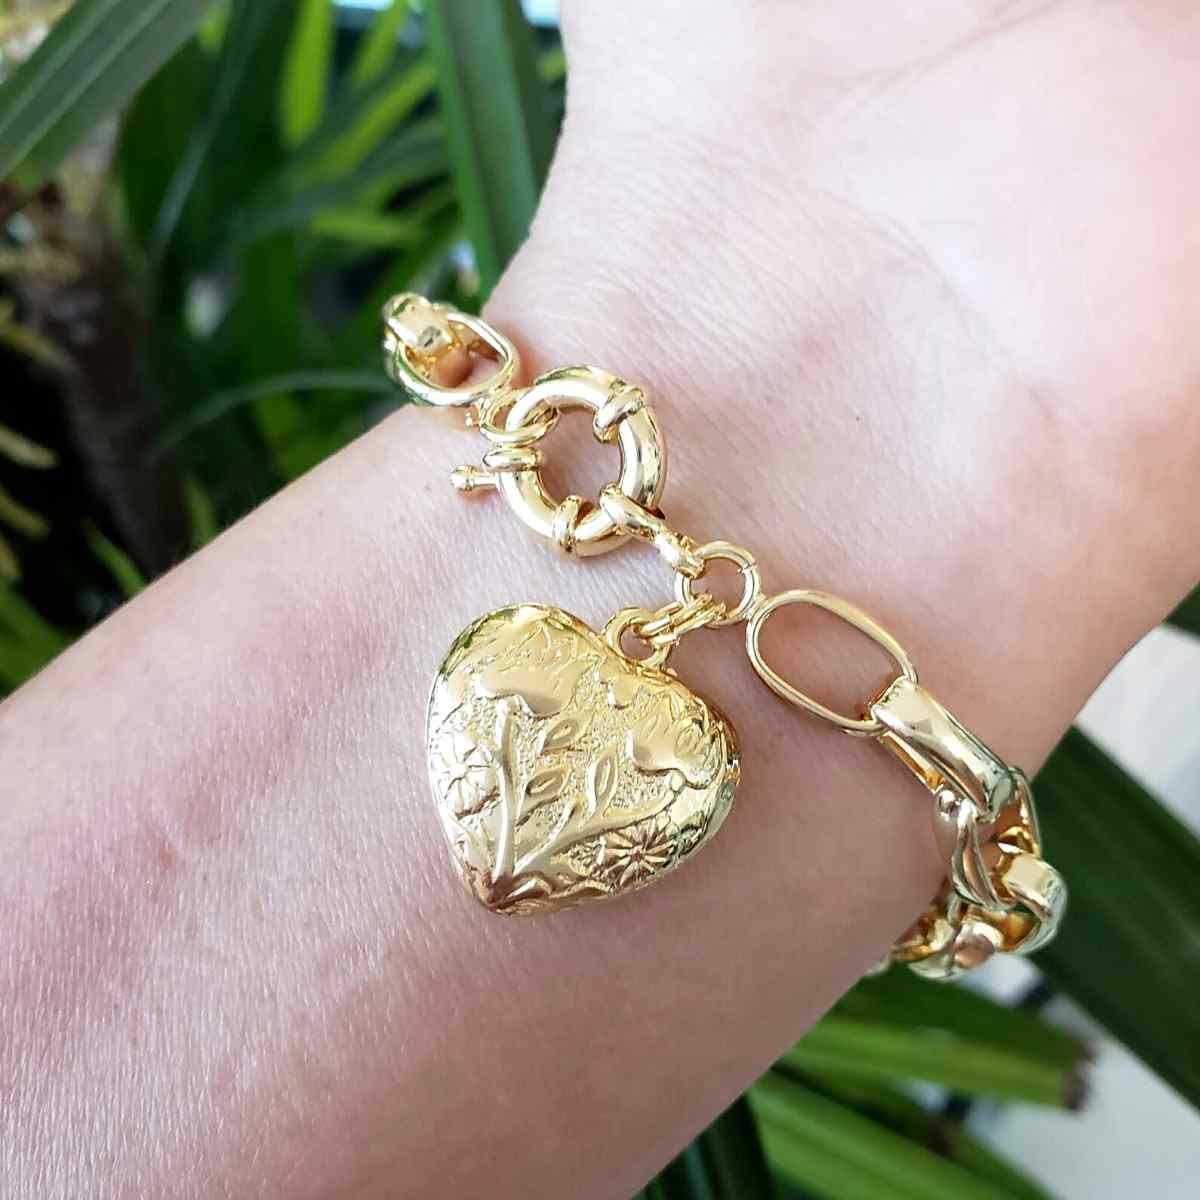 Pulseira Elos Cadeado Com Coração Decorado Banho De Ouro 18k 1795C